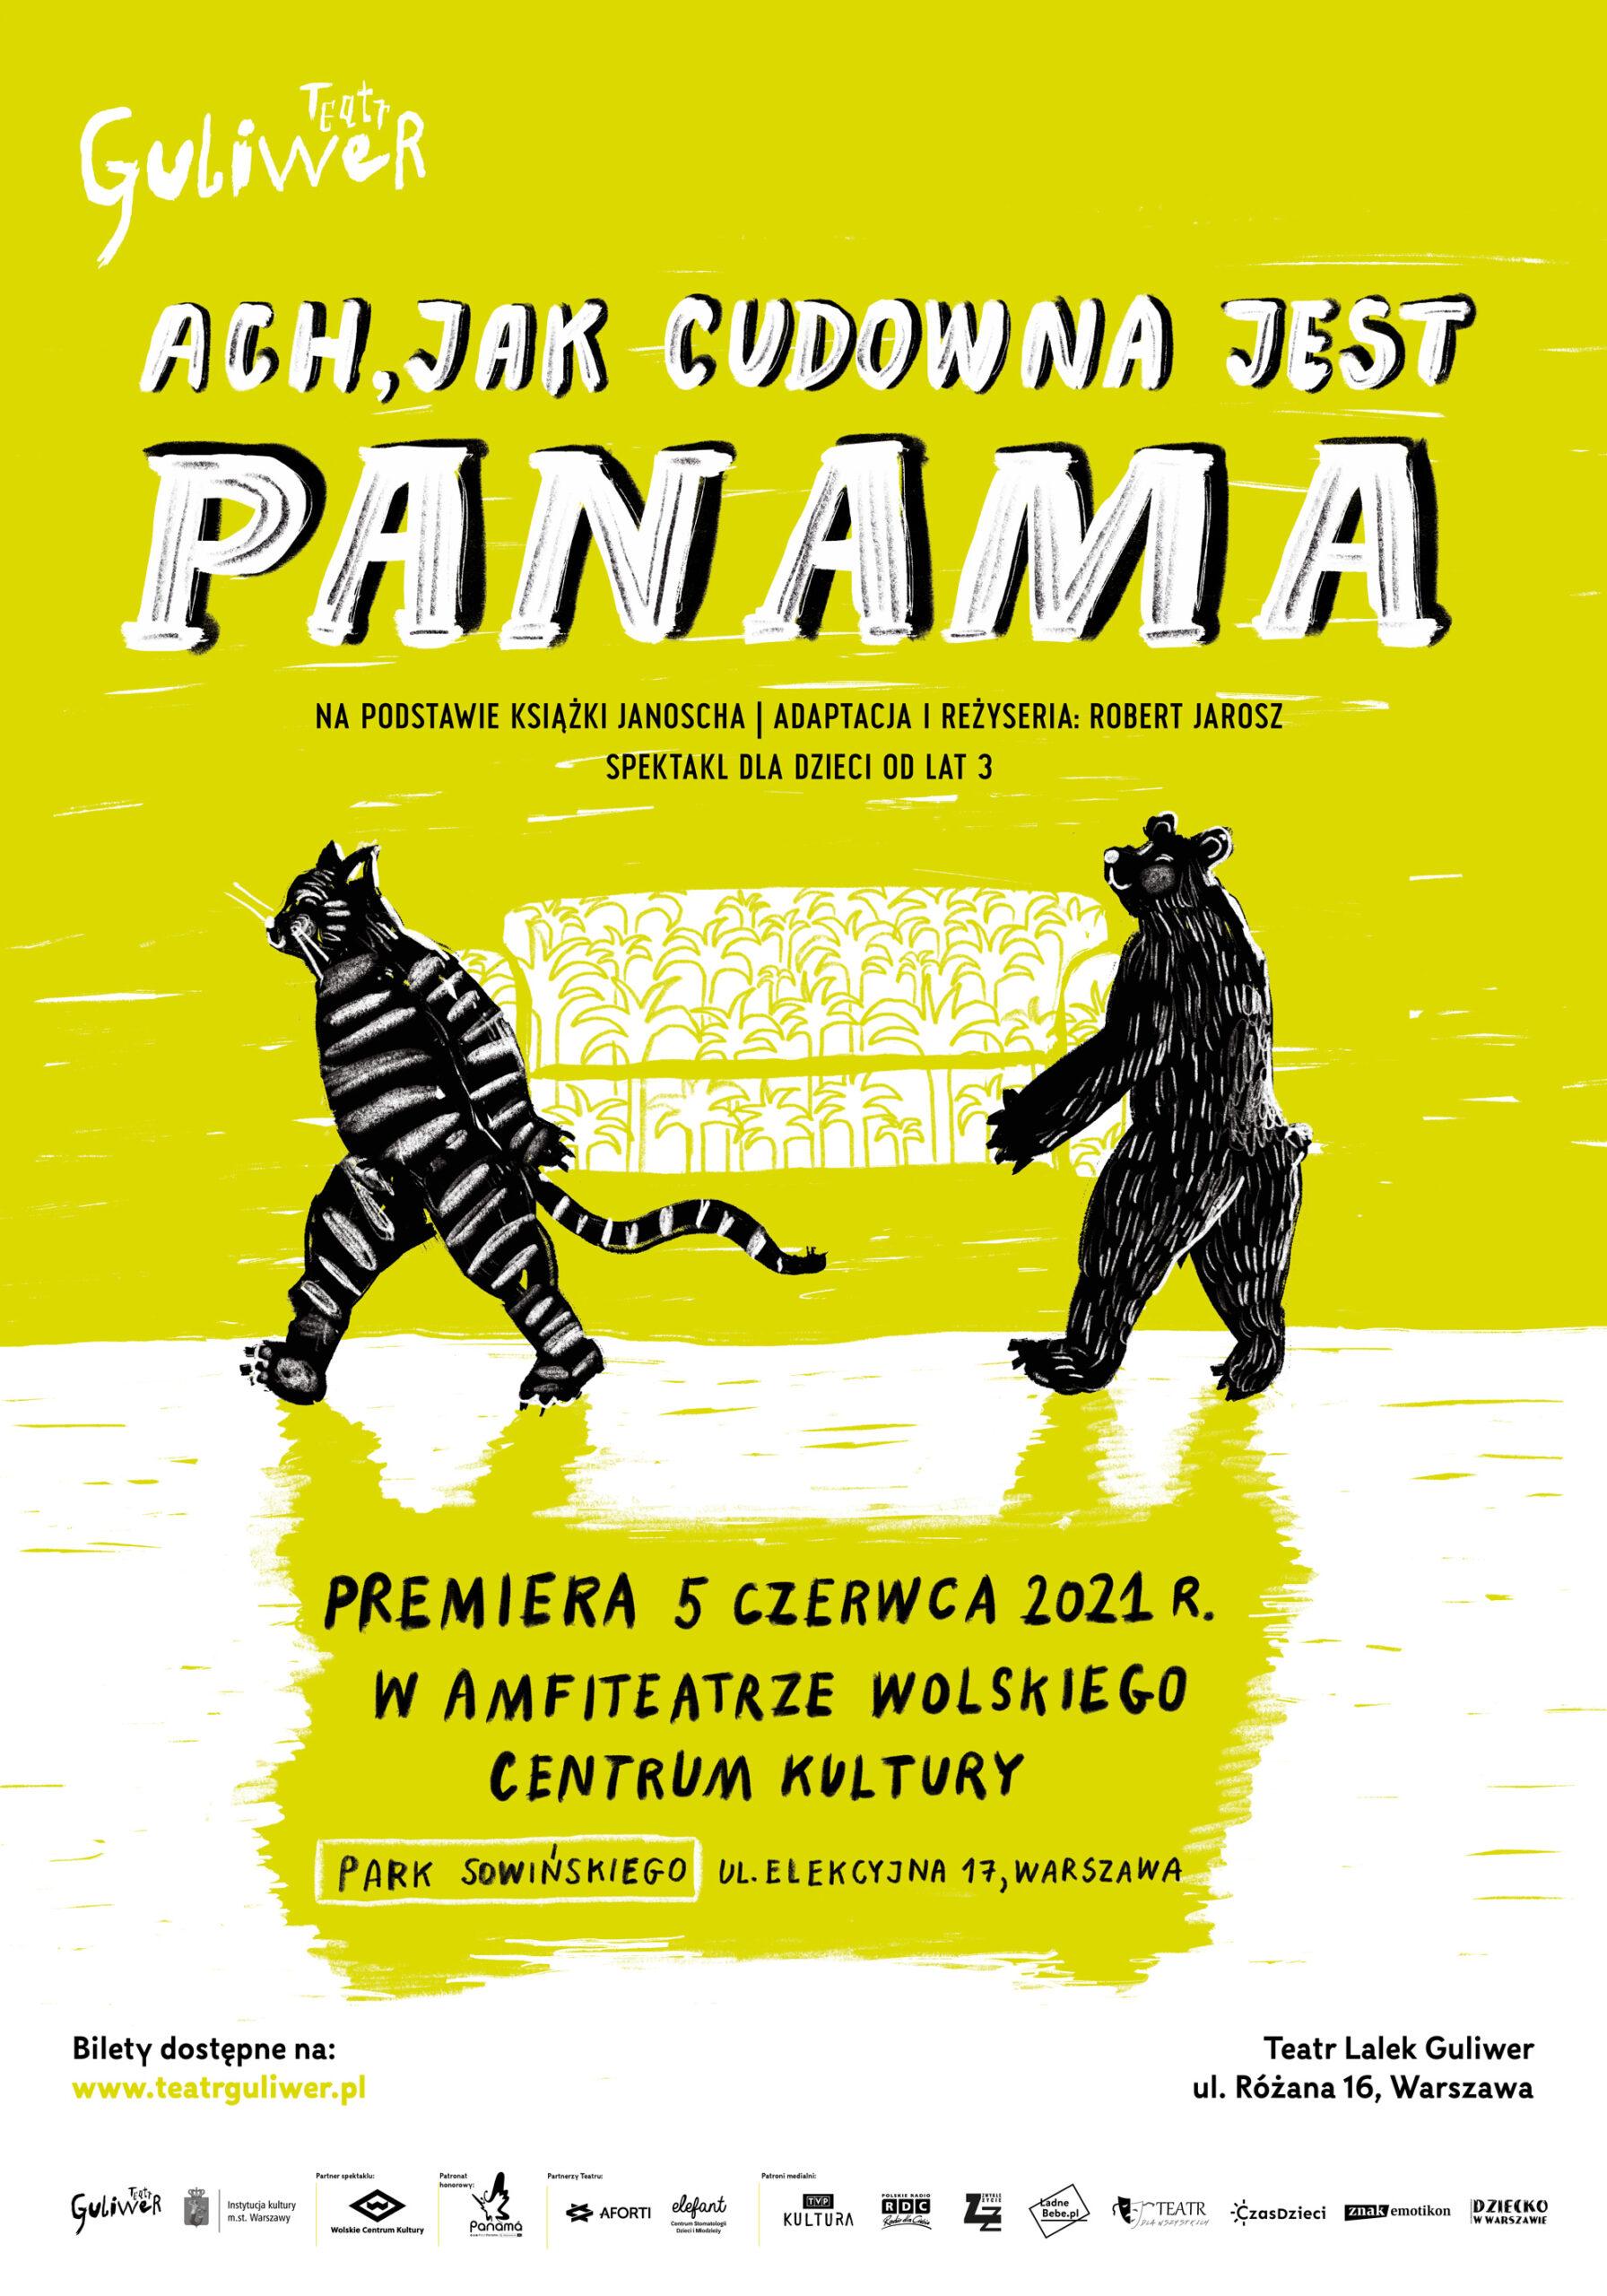 Ach, jak cudowna jest Panama! – premiera w plenerze